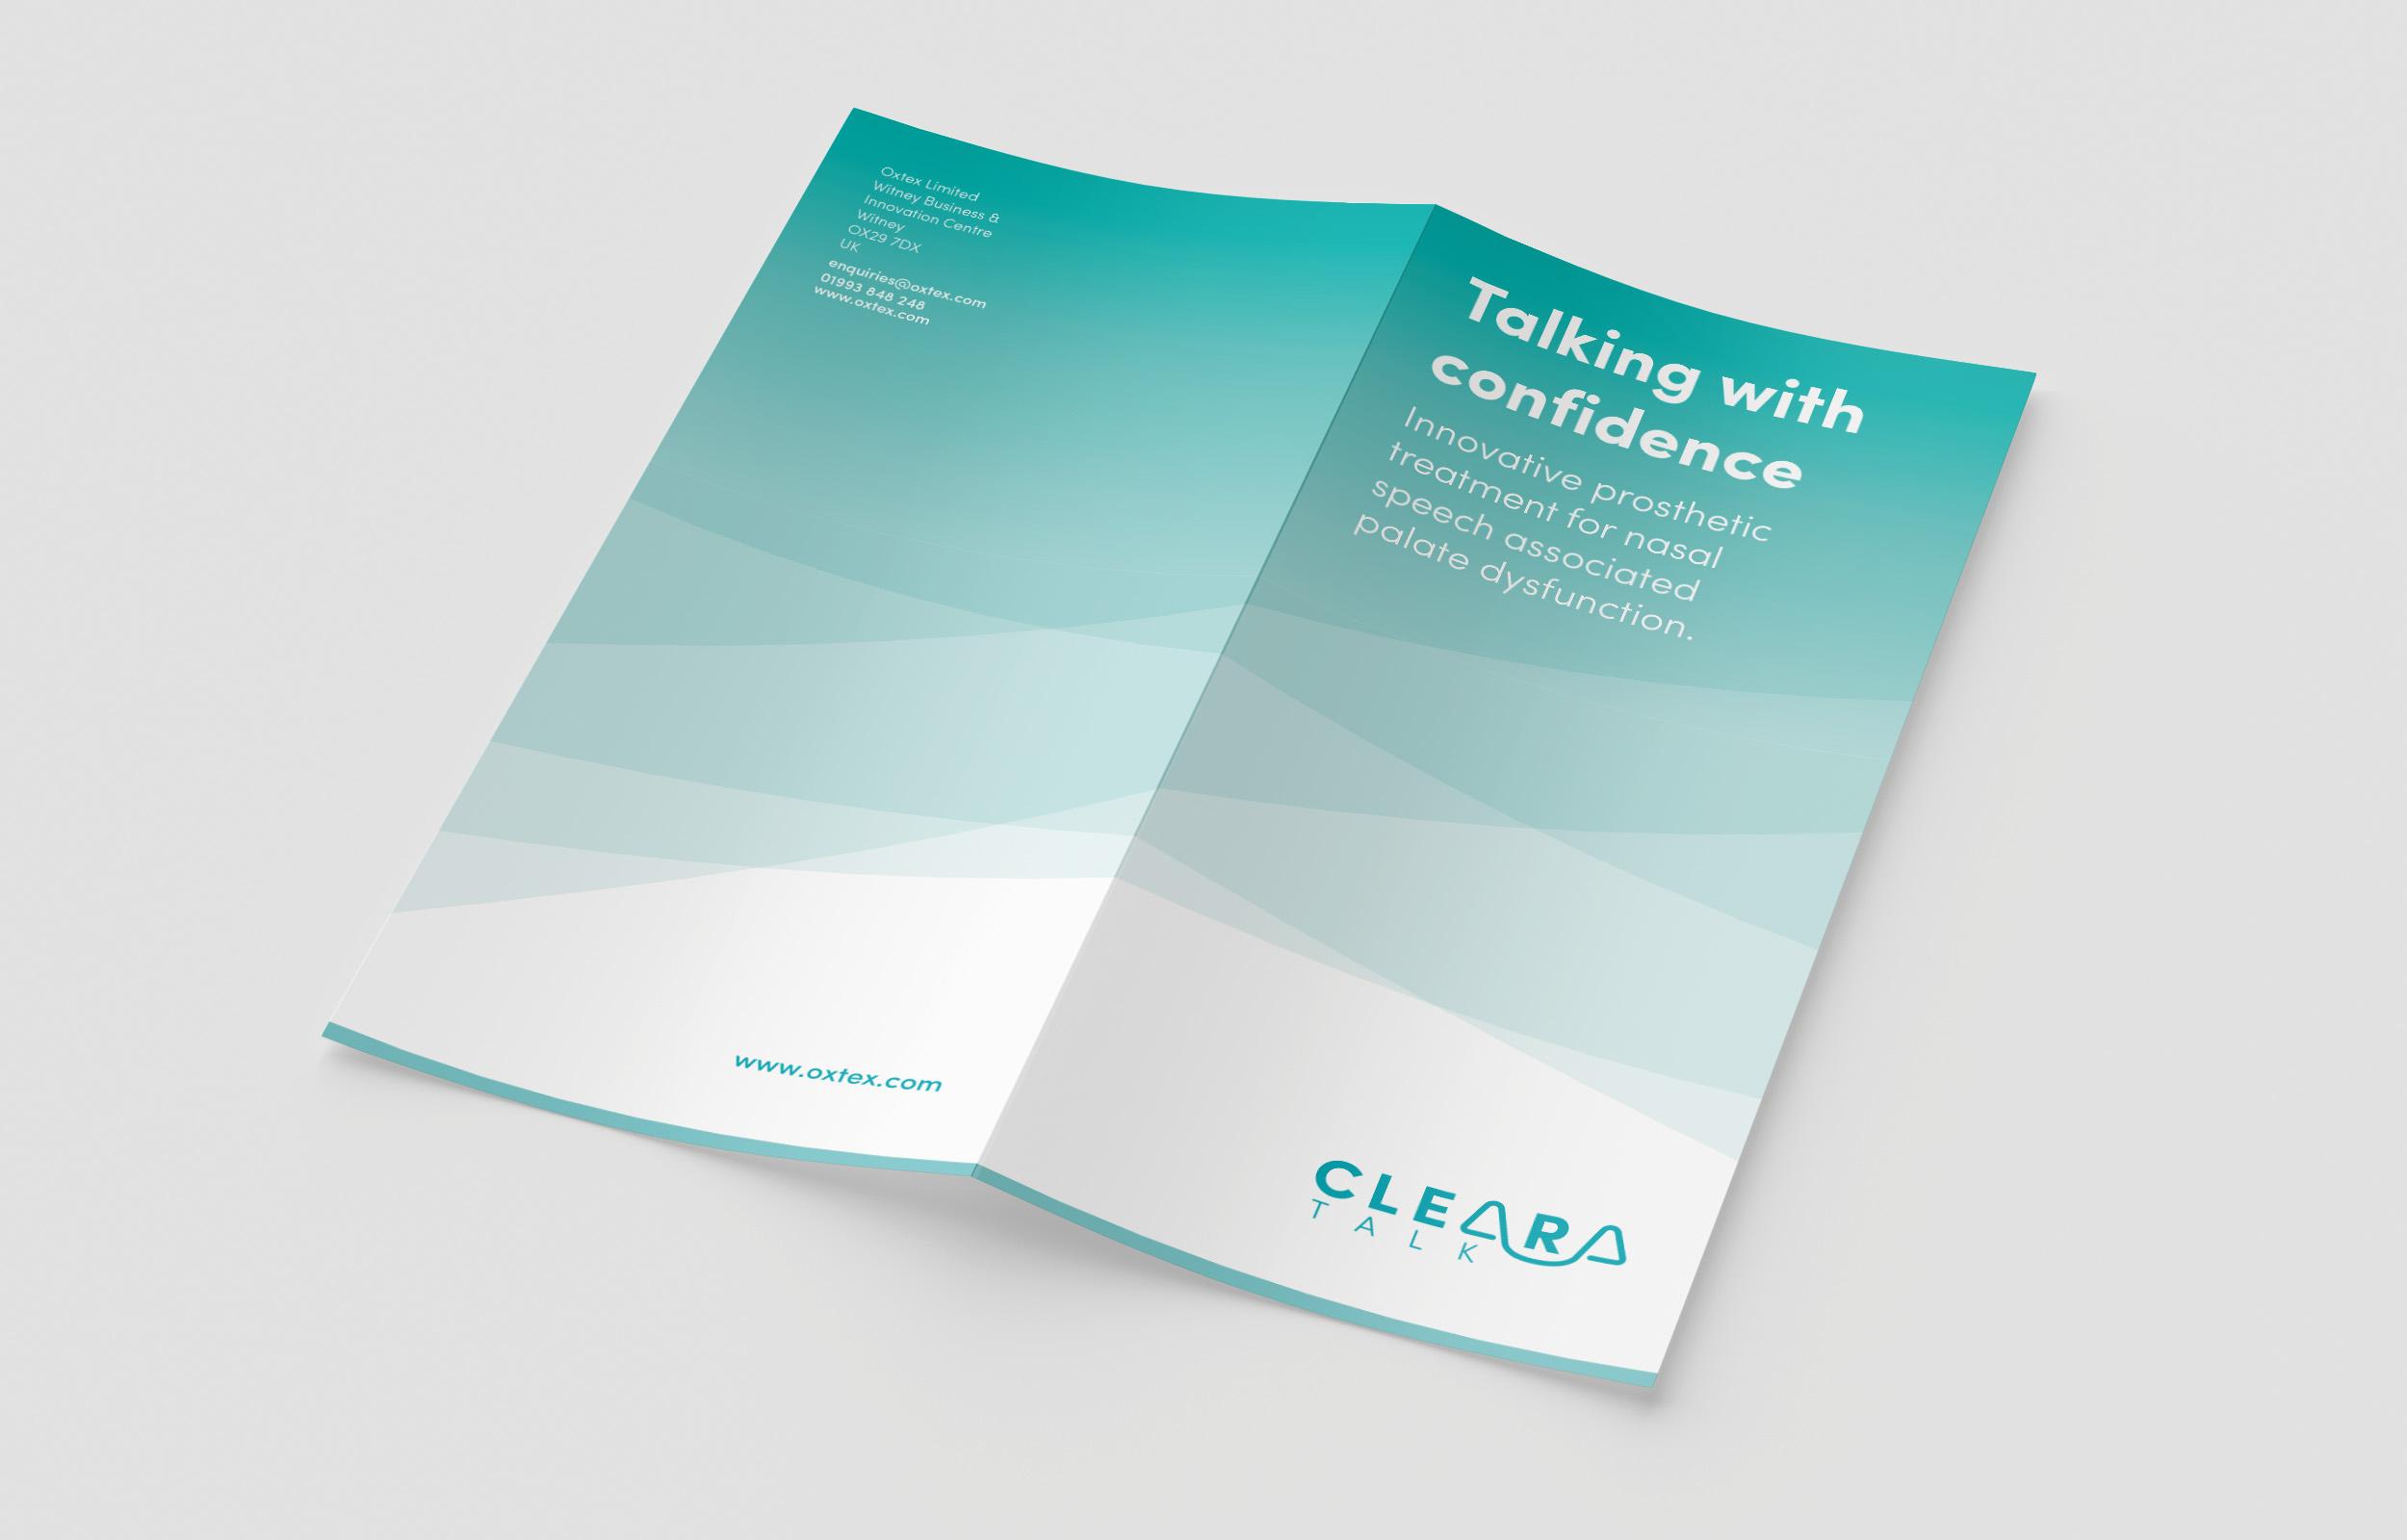 ClearaTalk-Mockup_Leaflet_1-2500.jpg